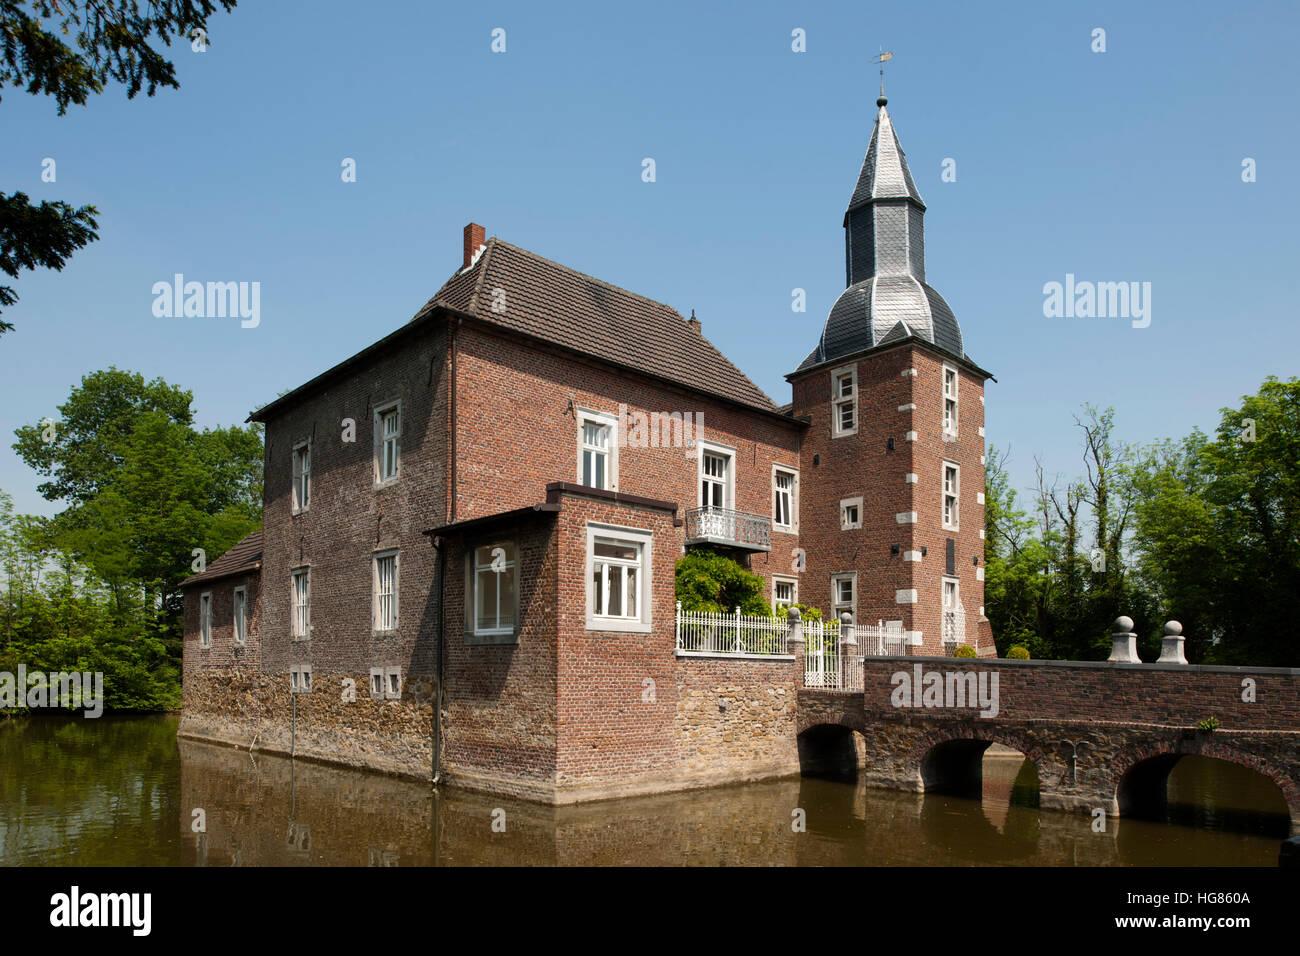 Deutschland, NRW, Städteregion Aachen, Eschweiler, Ortsteil Kinzweiler, Wasserschloss Haus Kambach - Stock Image